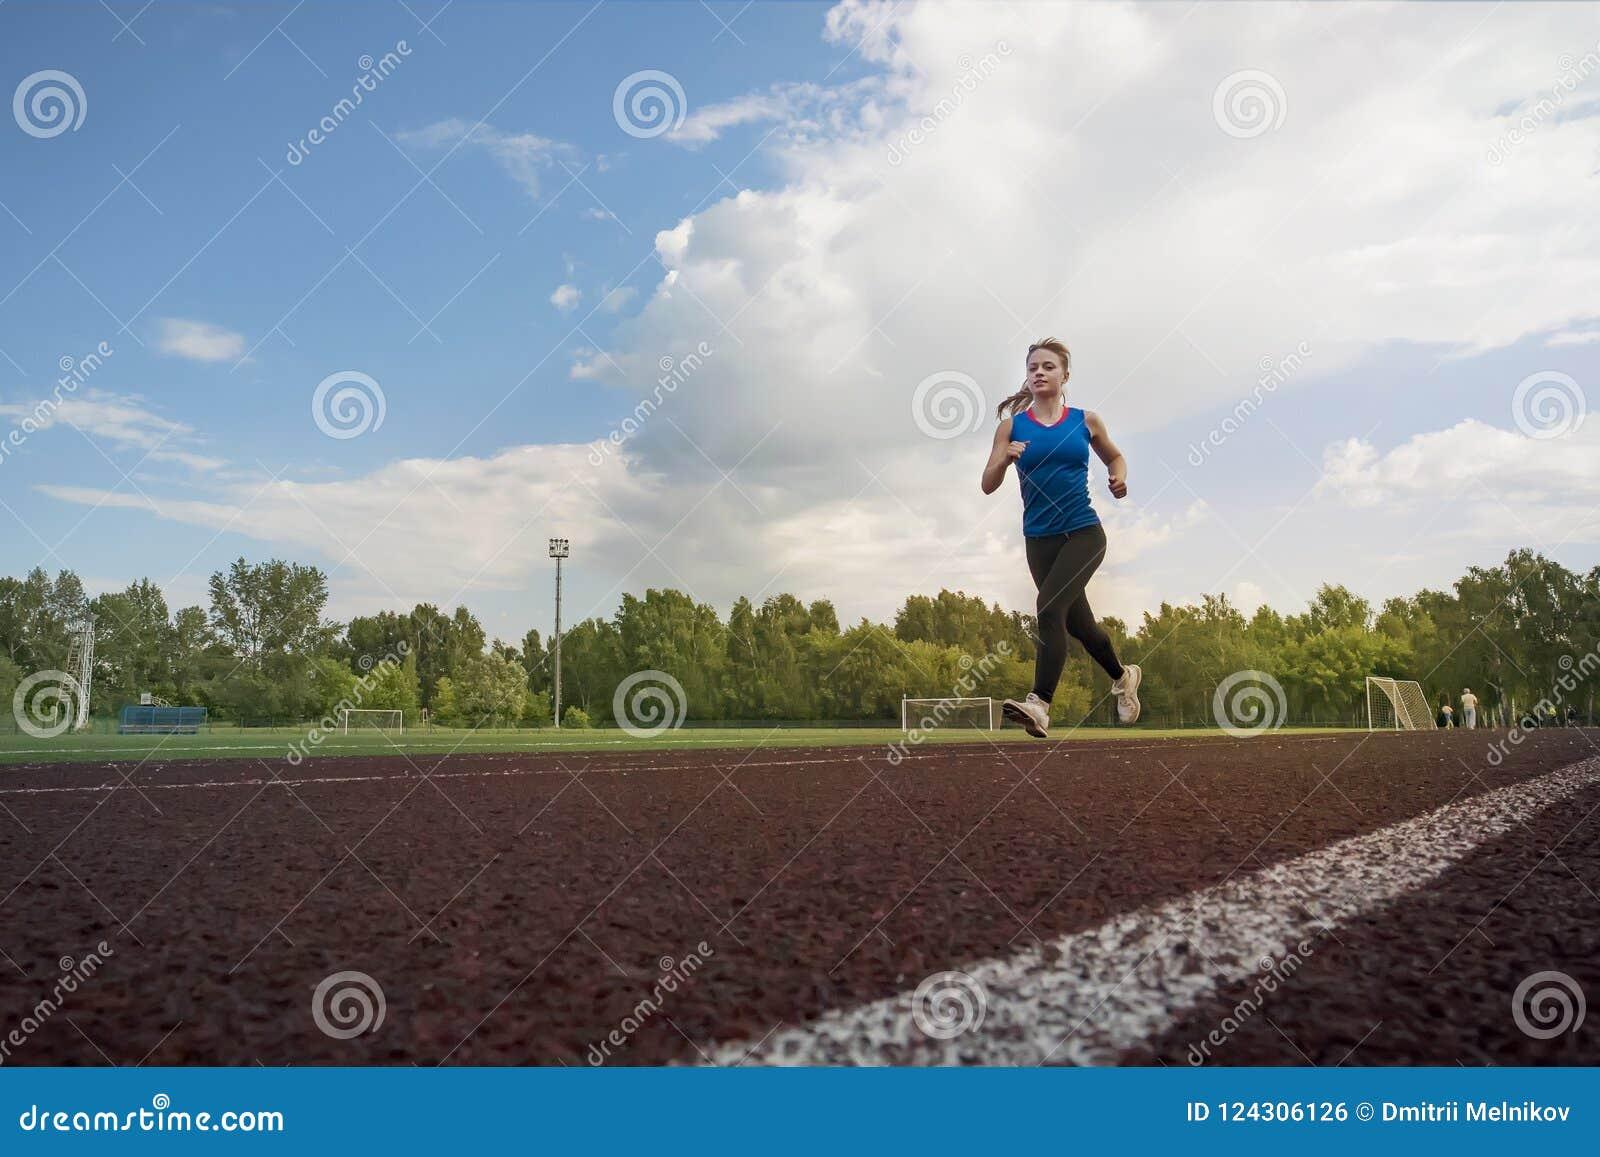 Atletische jonge sportvrouw die op renbaanstadion sprinten